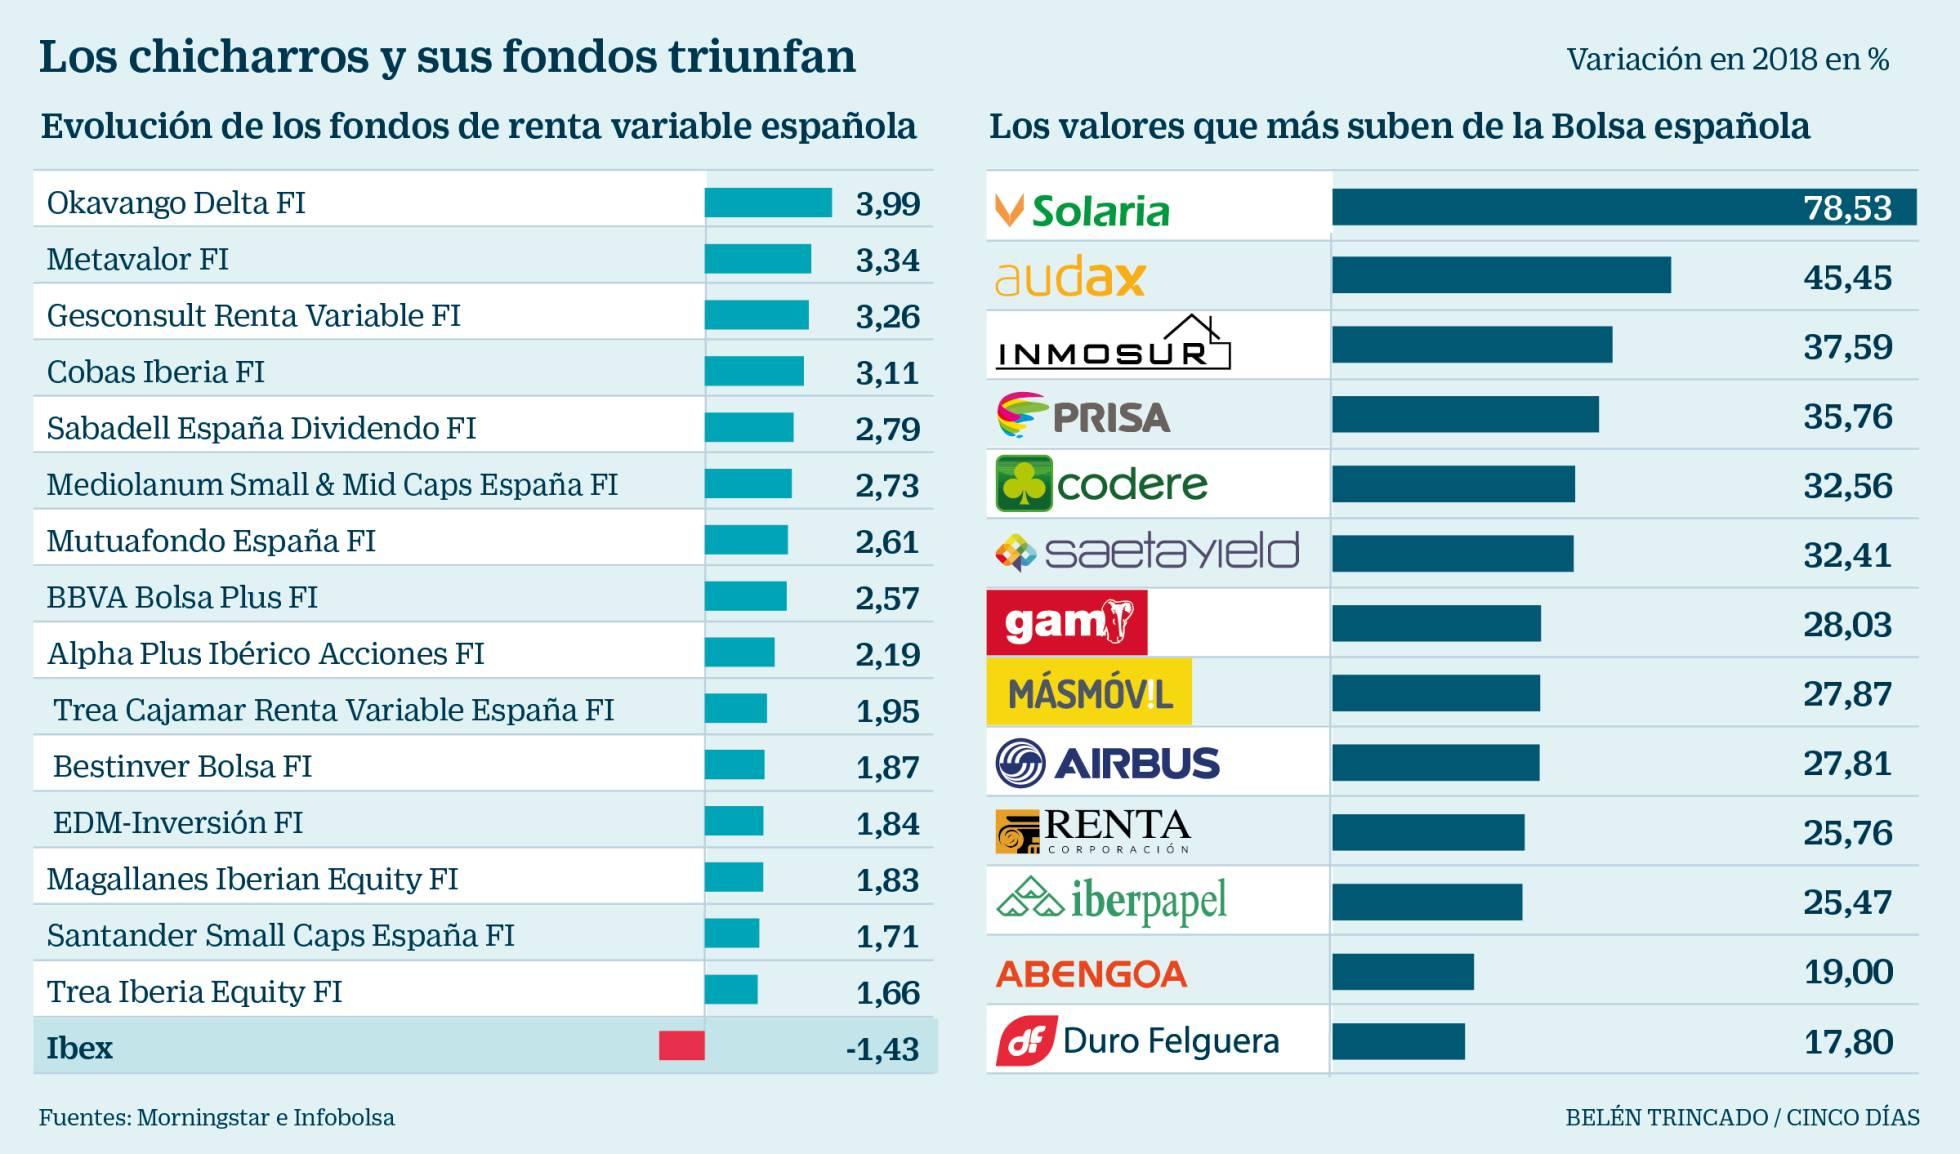 LO ULTIMO EN NOTICIAS DE BOLSA - Página 2 1519764812_847037_1519765486_noticia_normal_recorte1